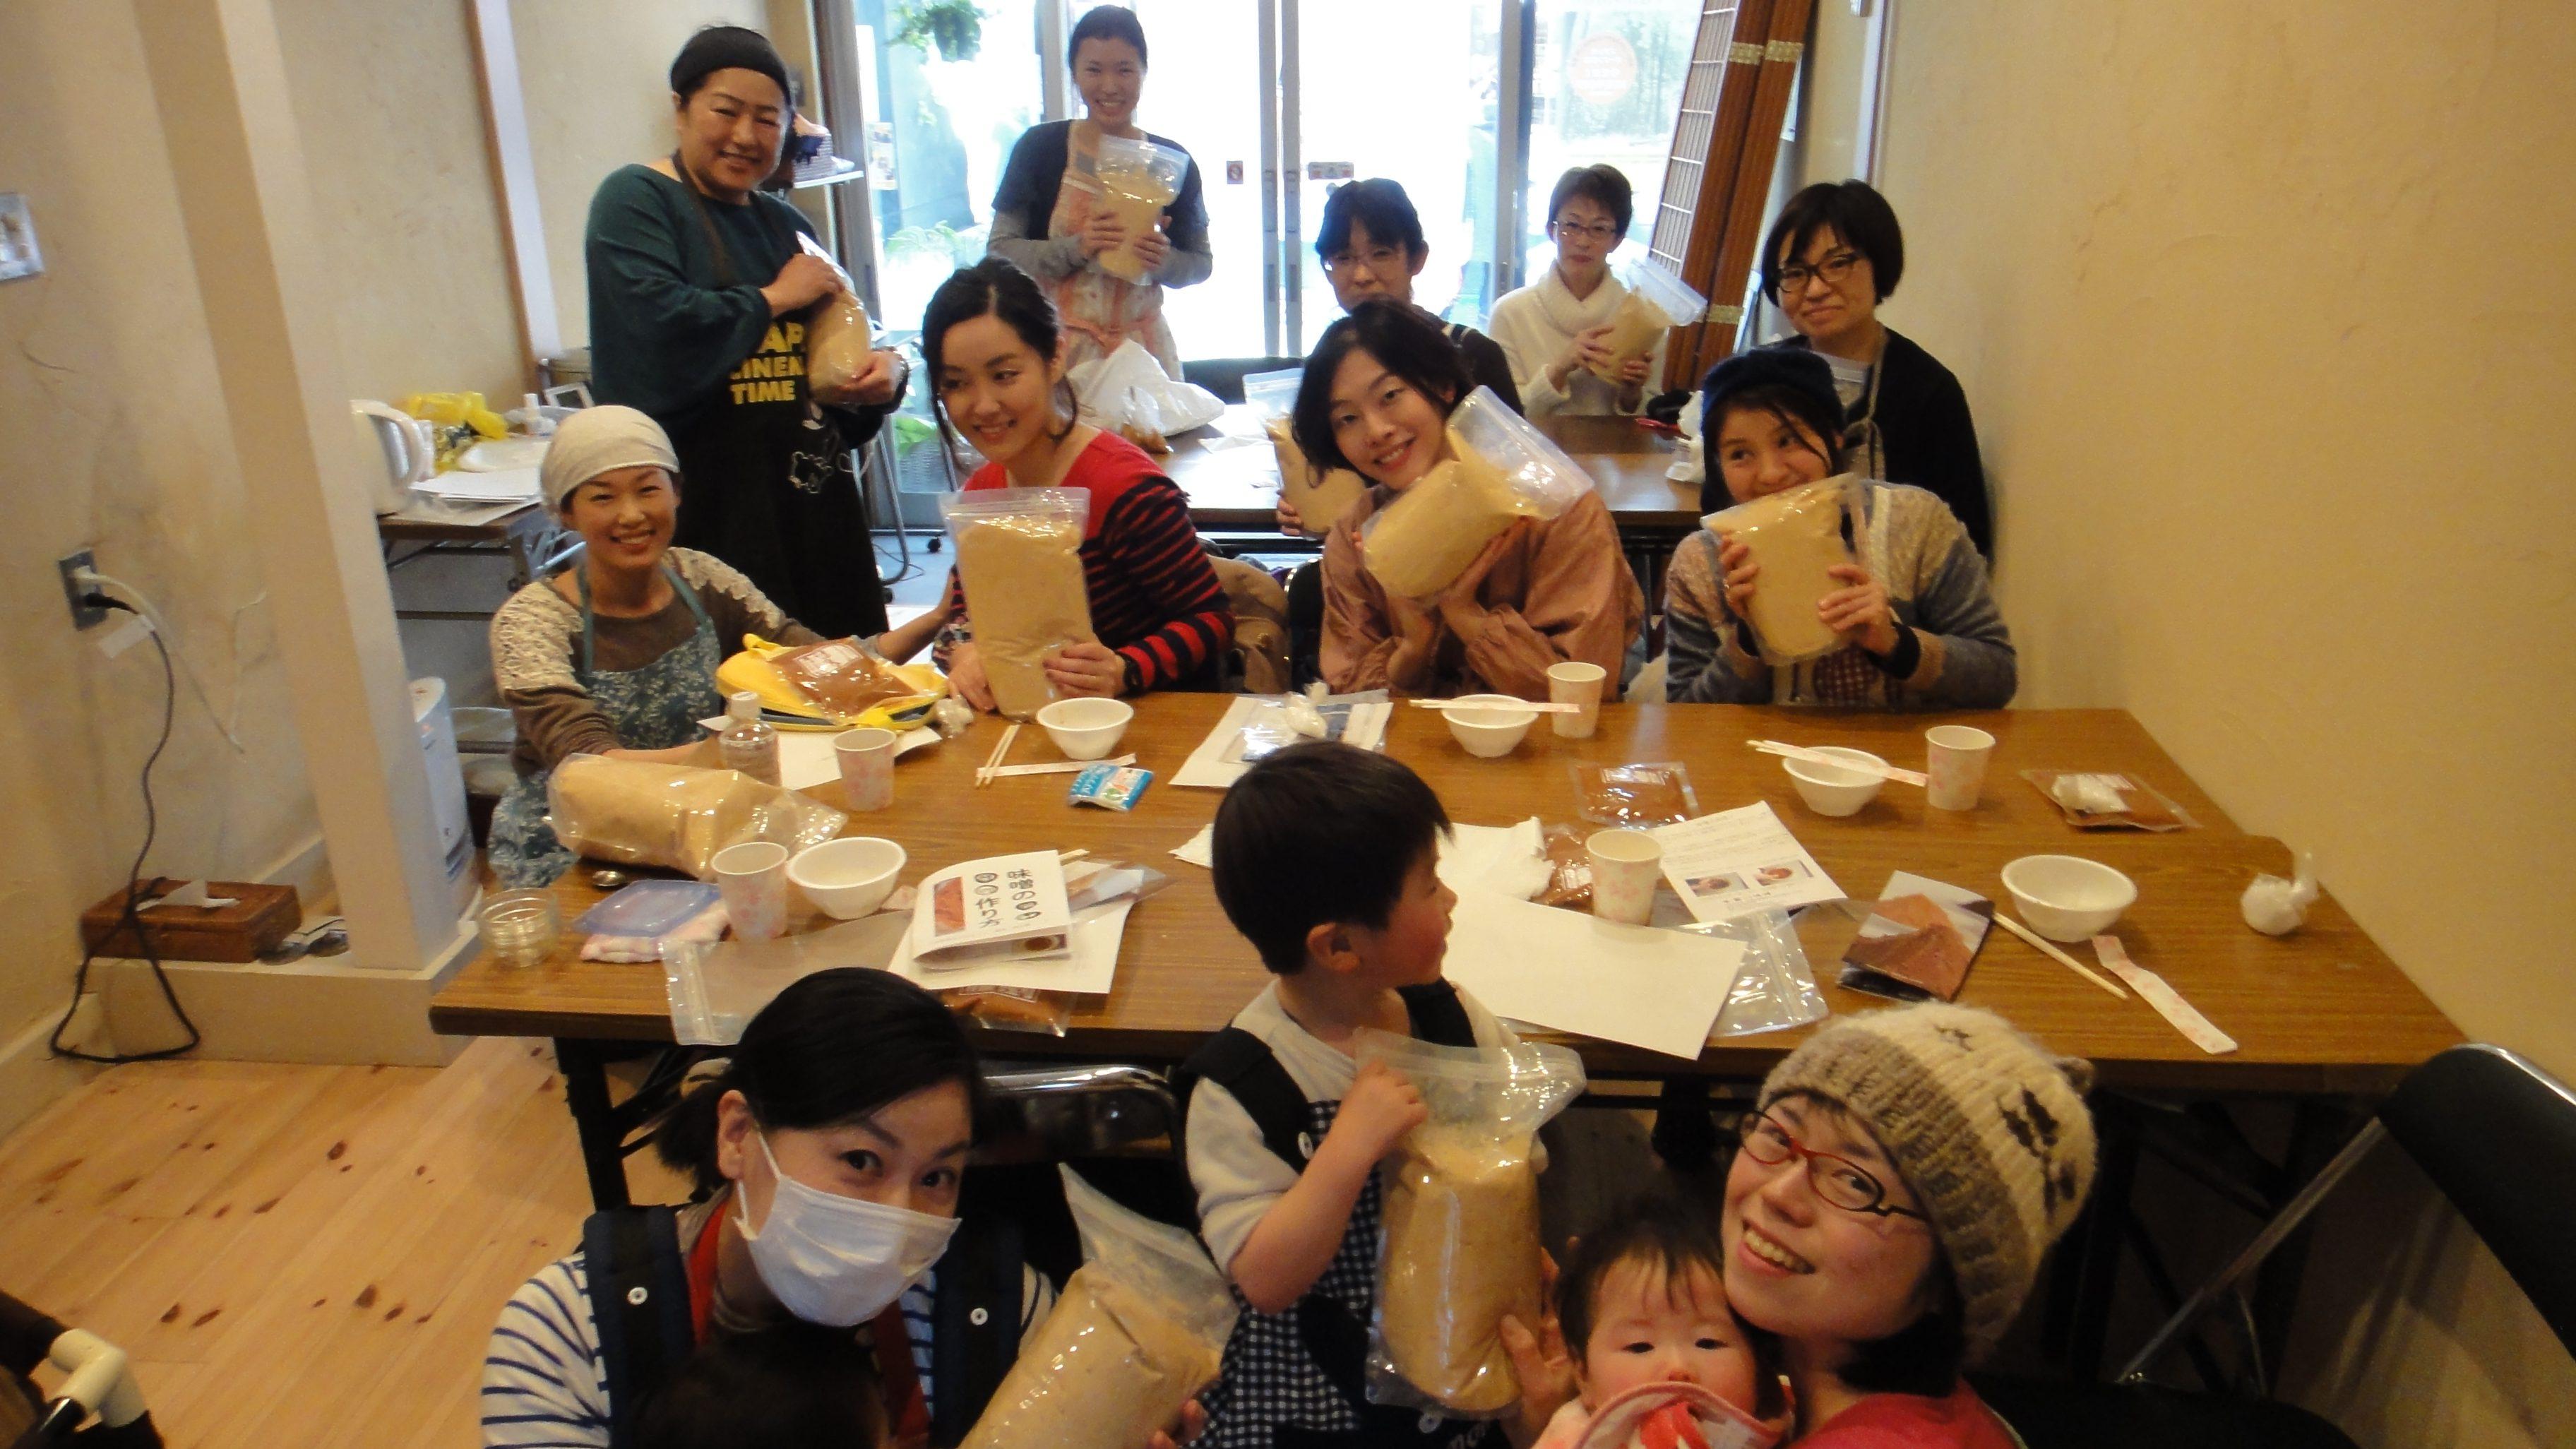 味噌作りイベント